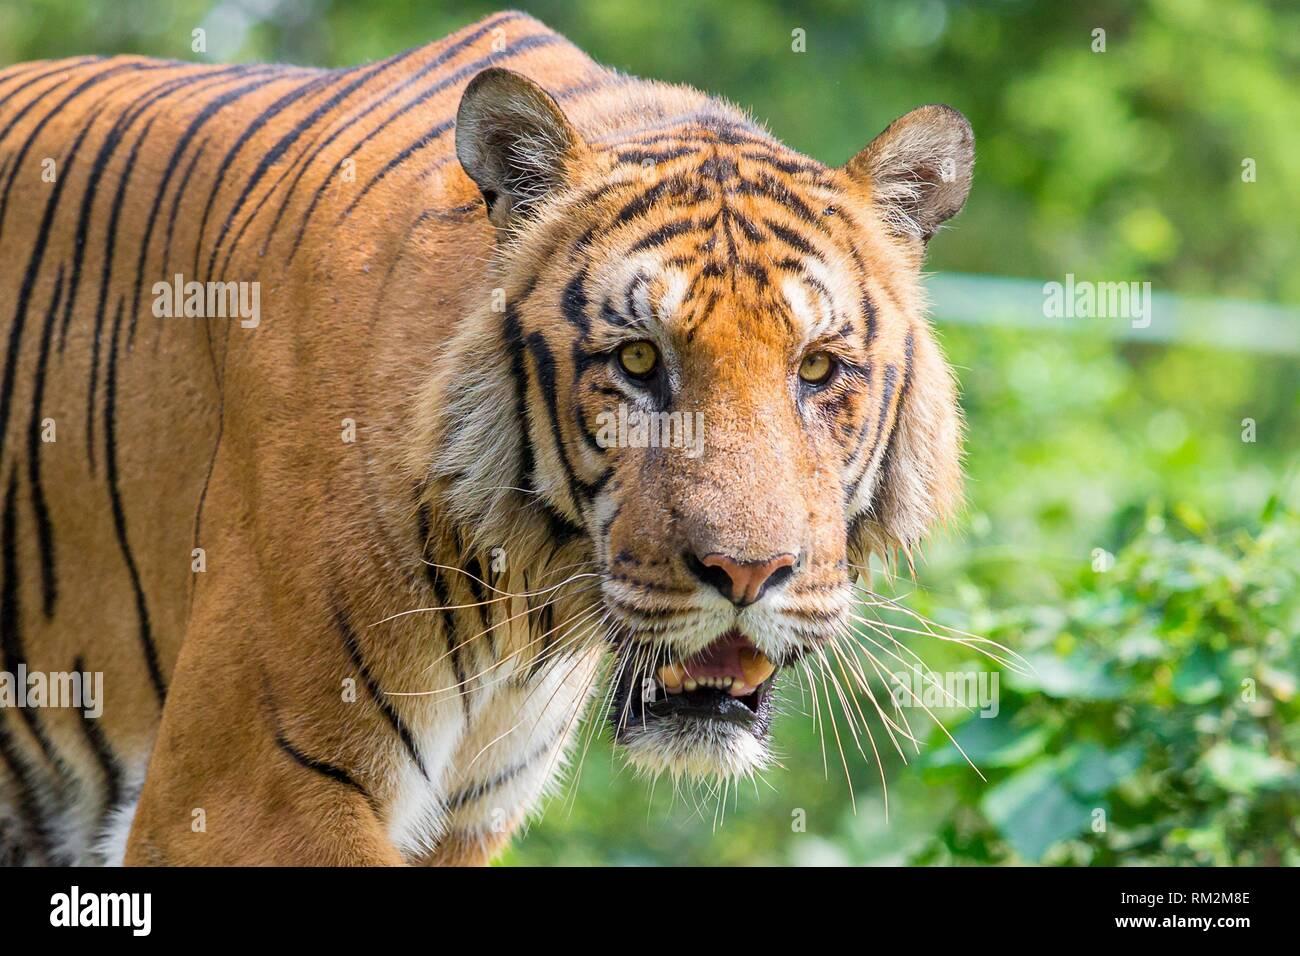 A Royal Bengal Tiger at Dhaka, Bangladesh - Stock Image